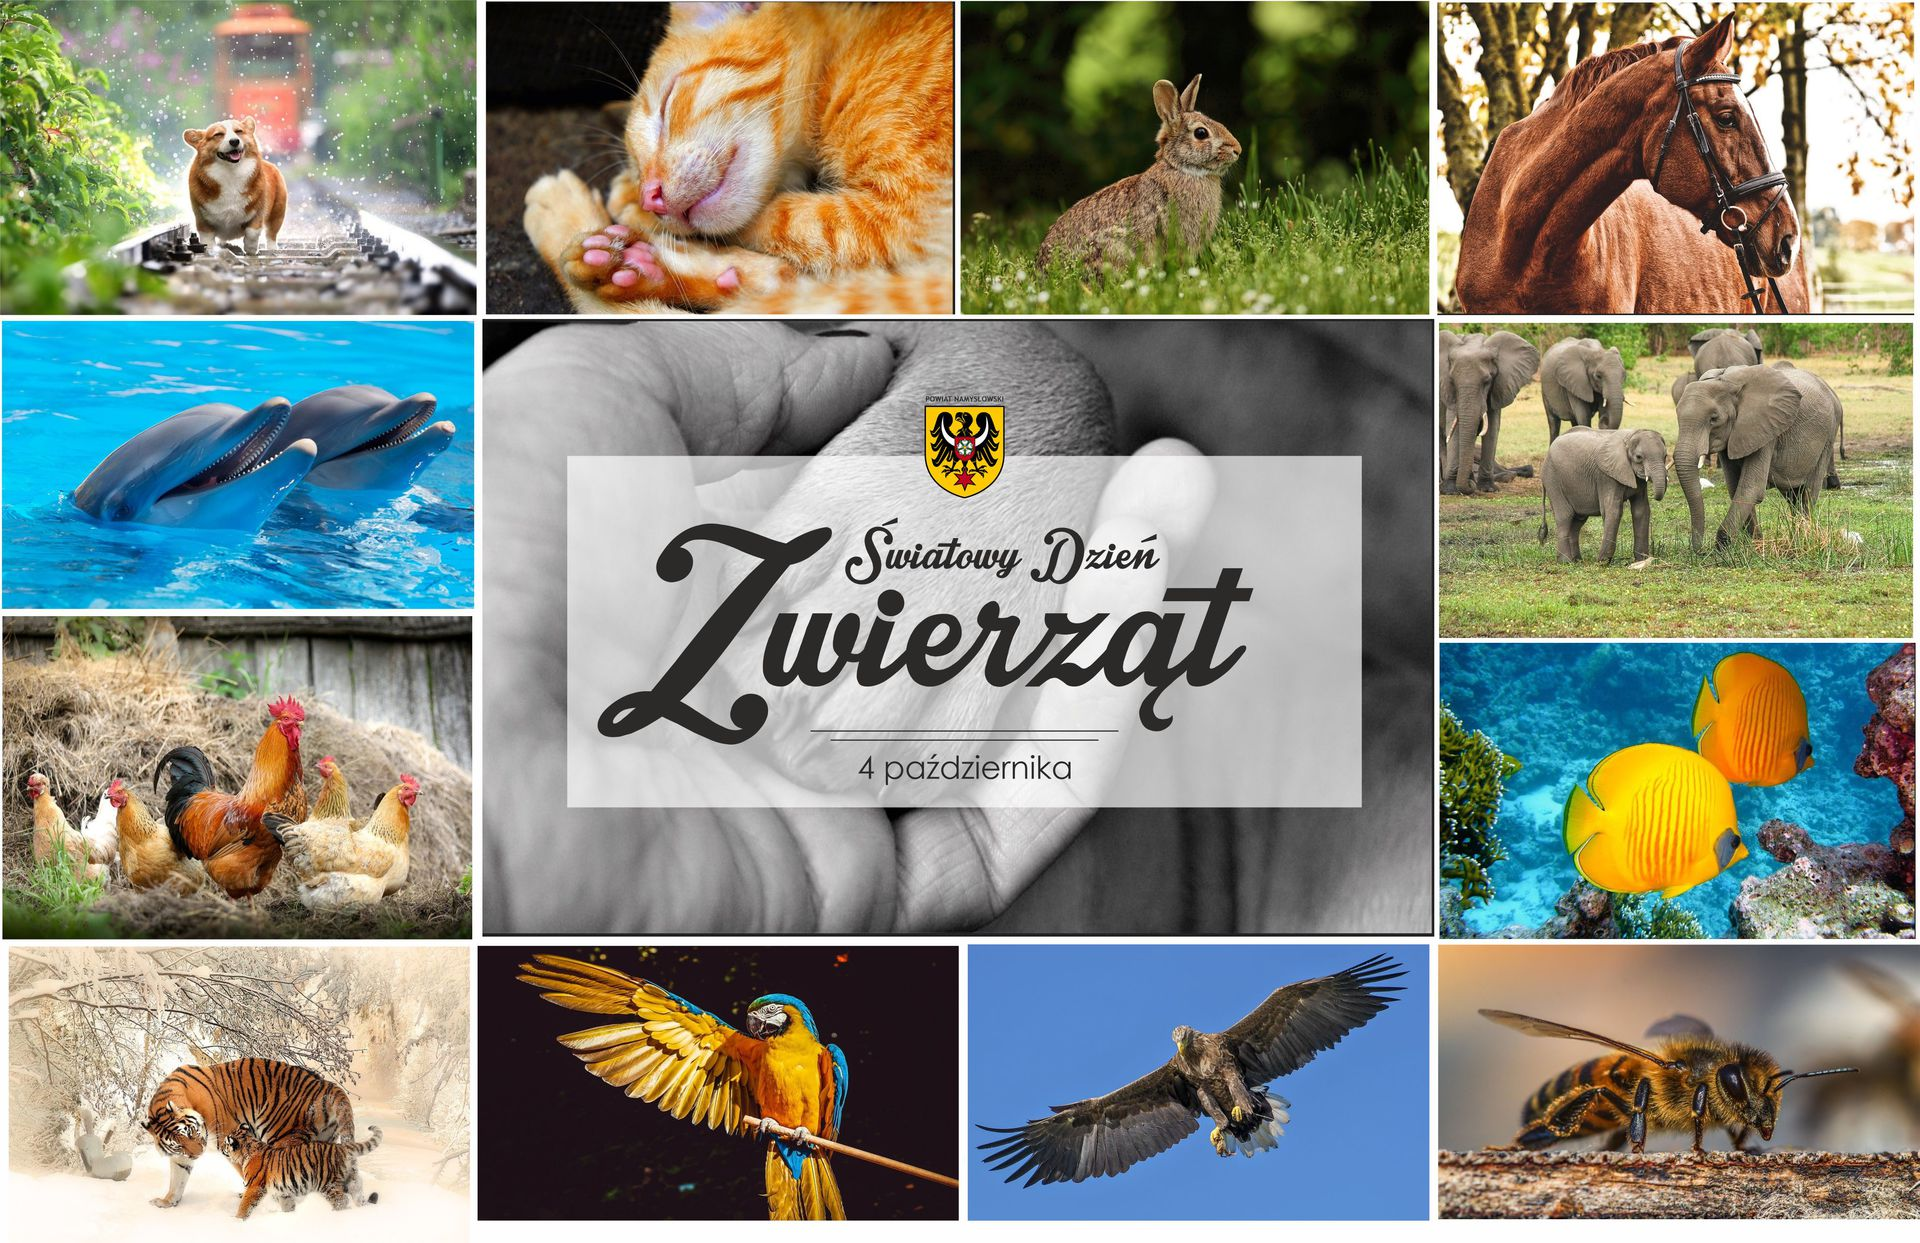 Światowy dzień zwierząt.jpeg